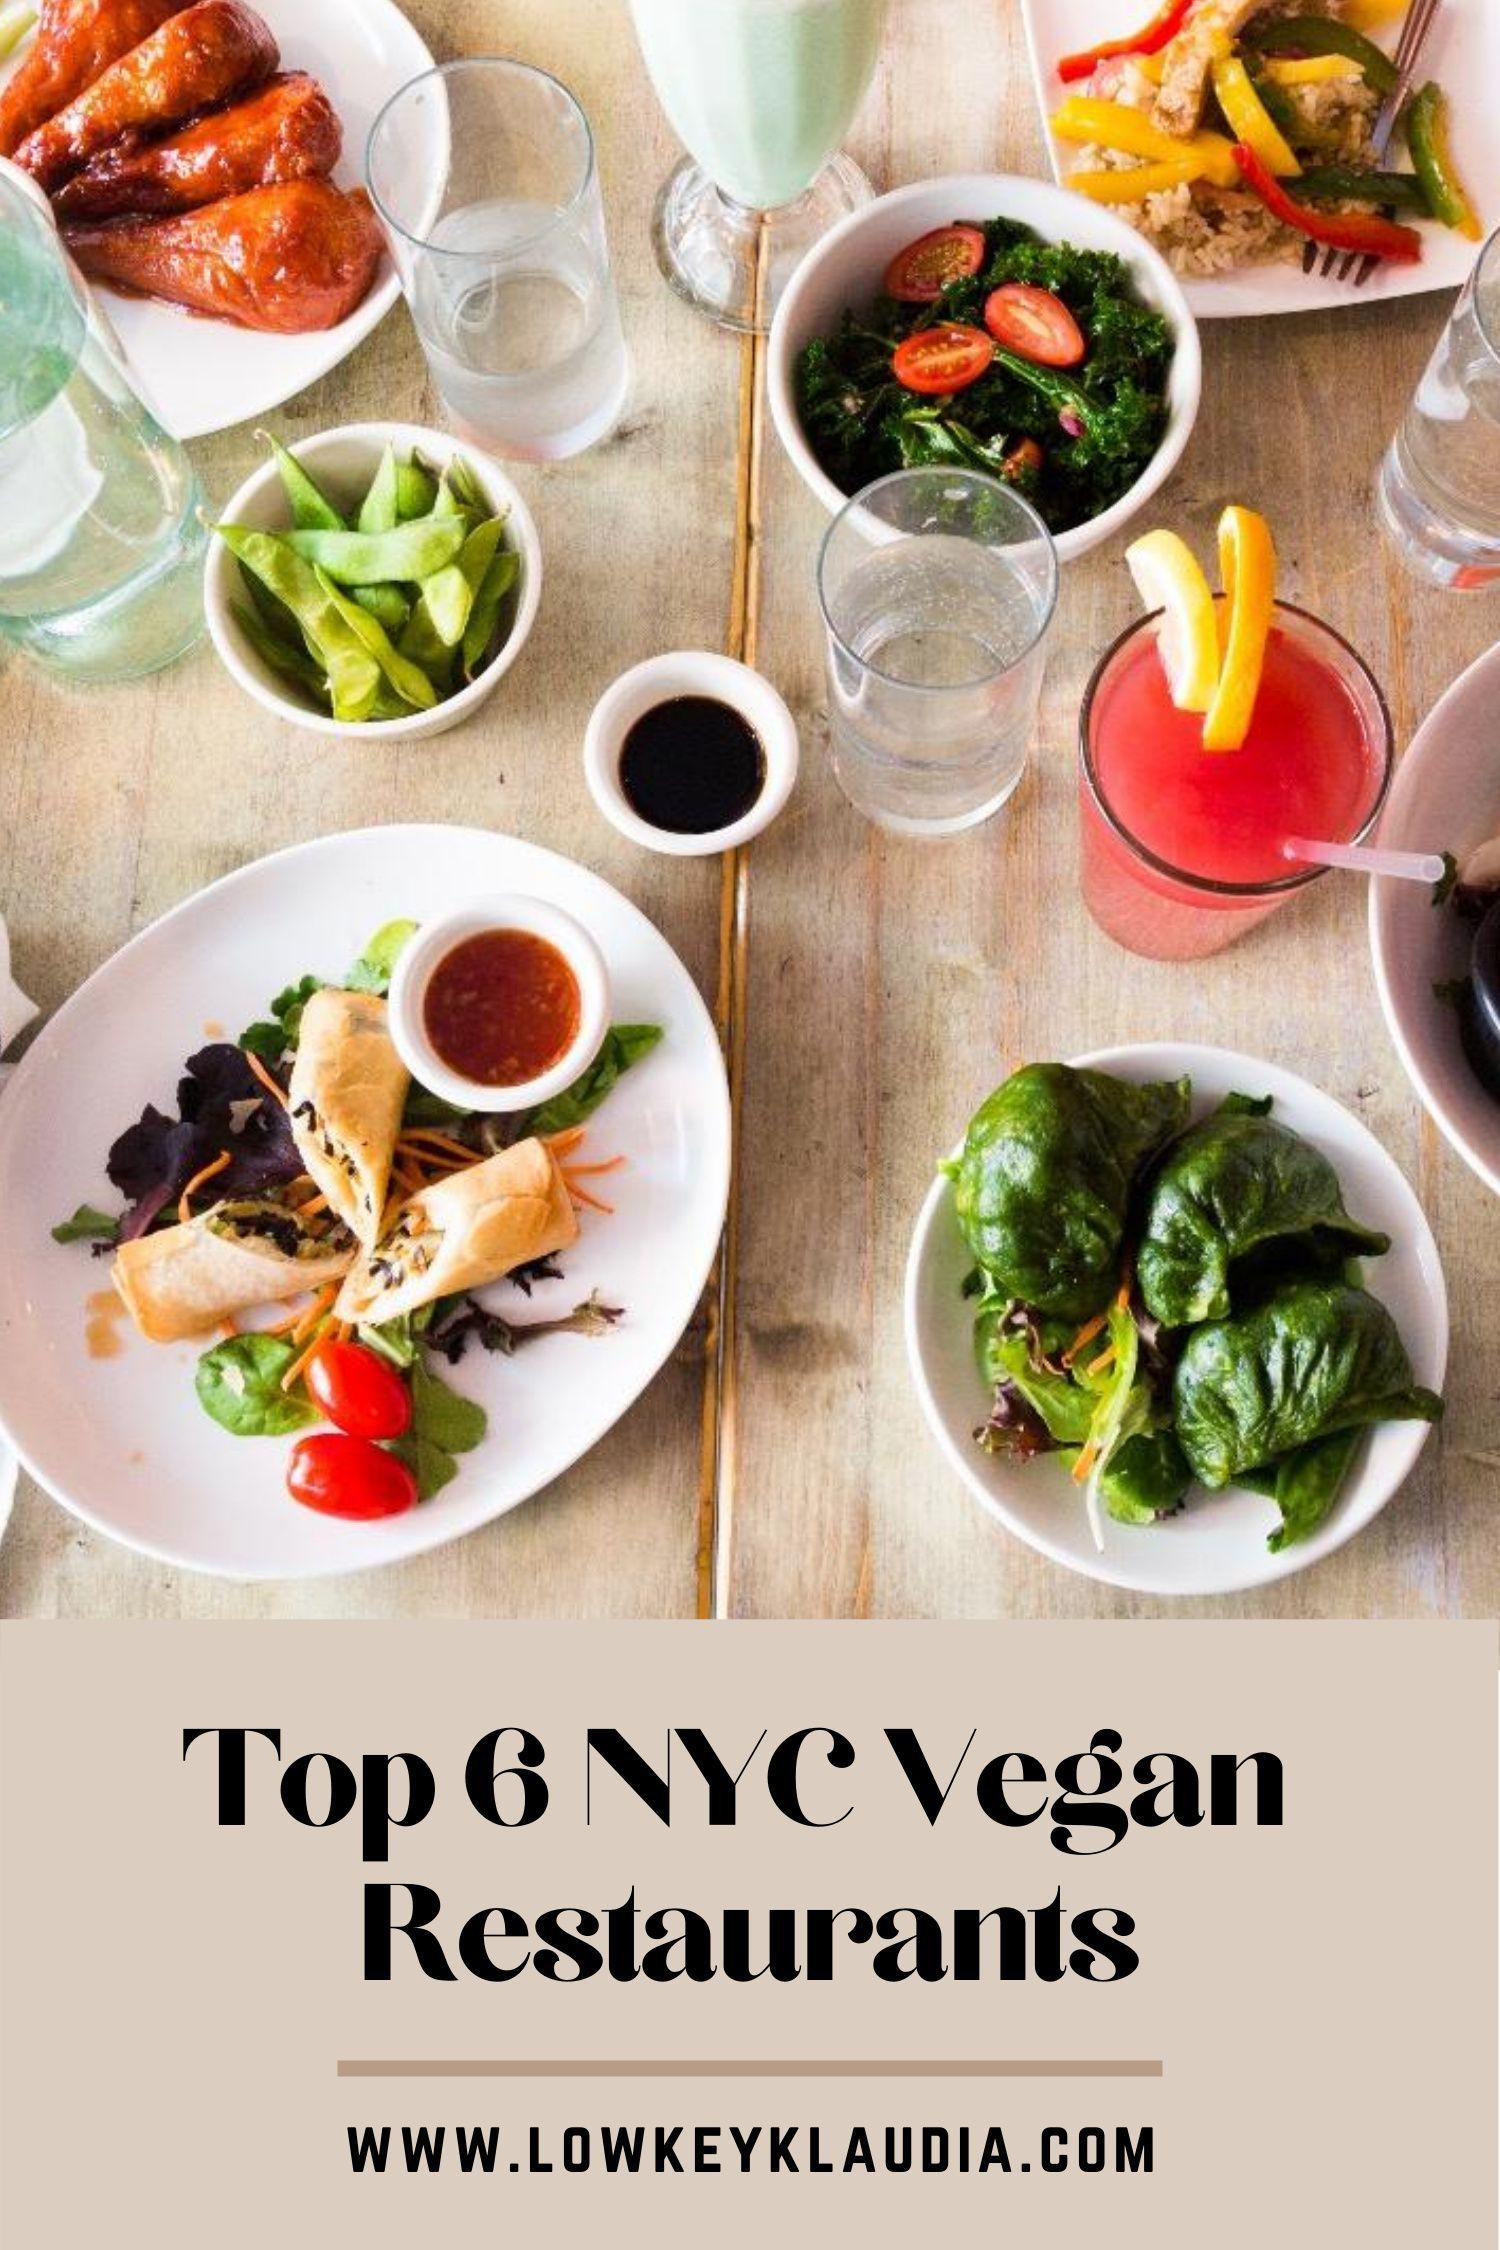 Top 6 Vegan Restaurants In Nyc In 2020 Vegan Restaurants Vegan Nyc Restaurant New York